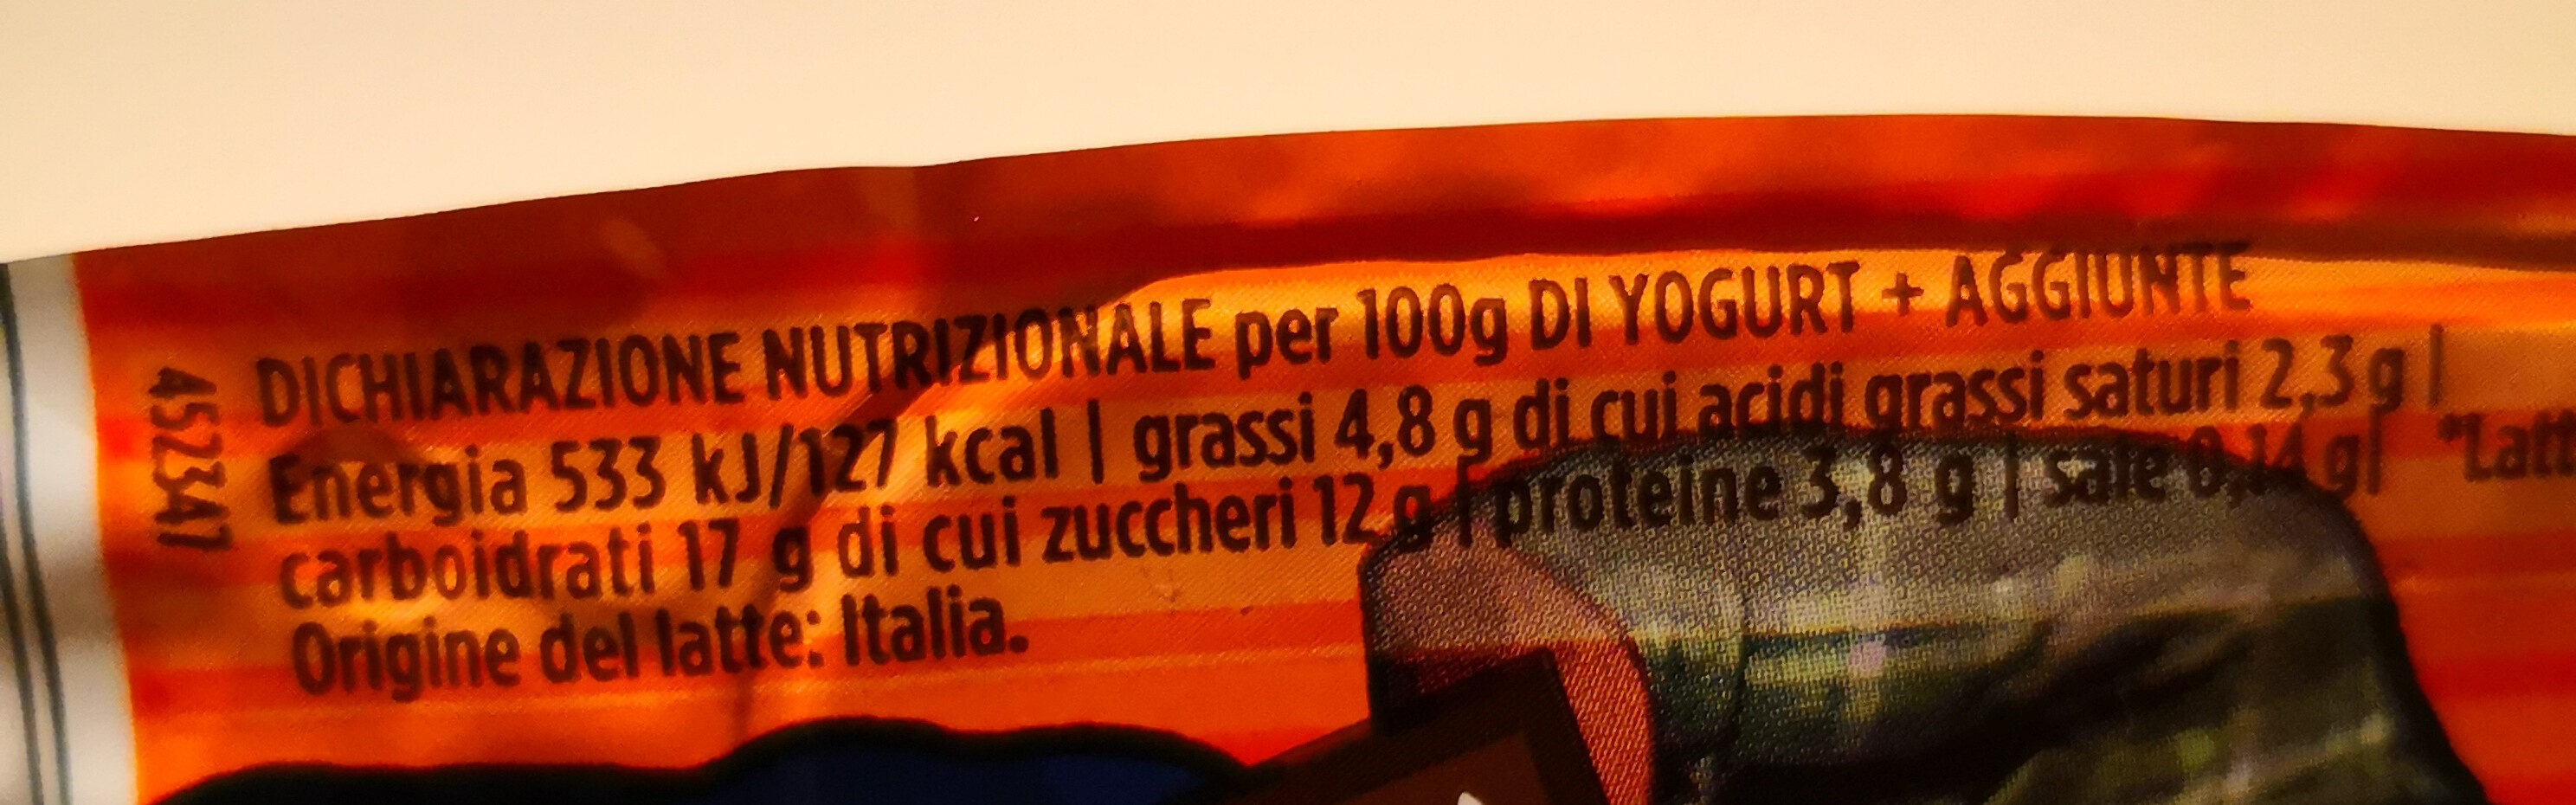 Yogurt Fior di latte e Cereali con biscotti al cioccolato - Gusto + Gusto - Informations nutritionnelles